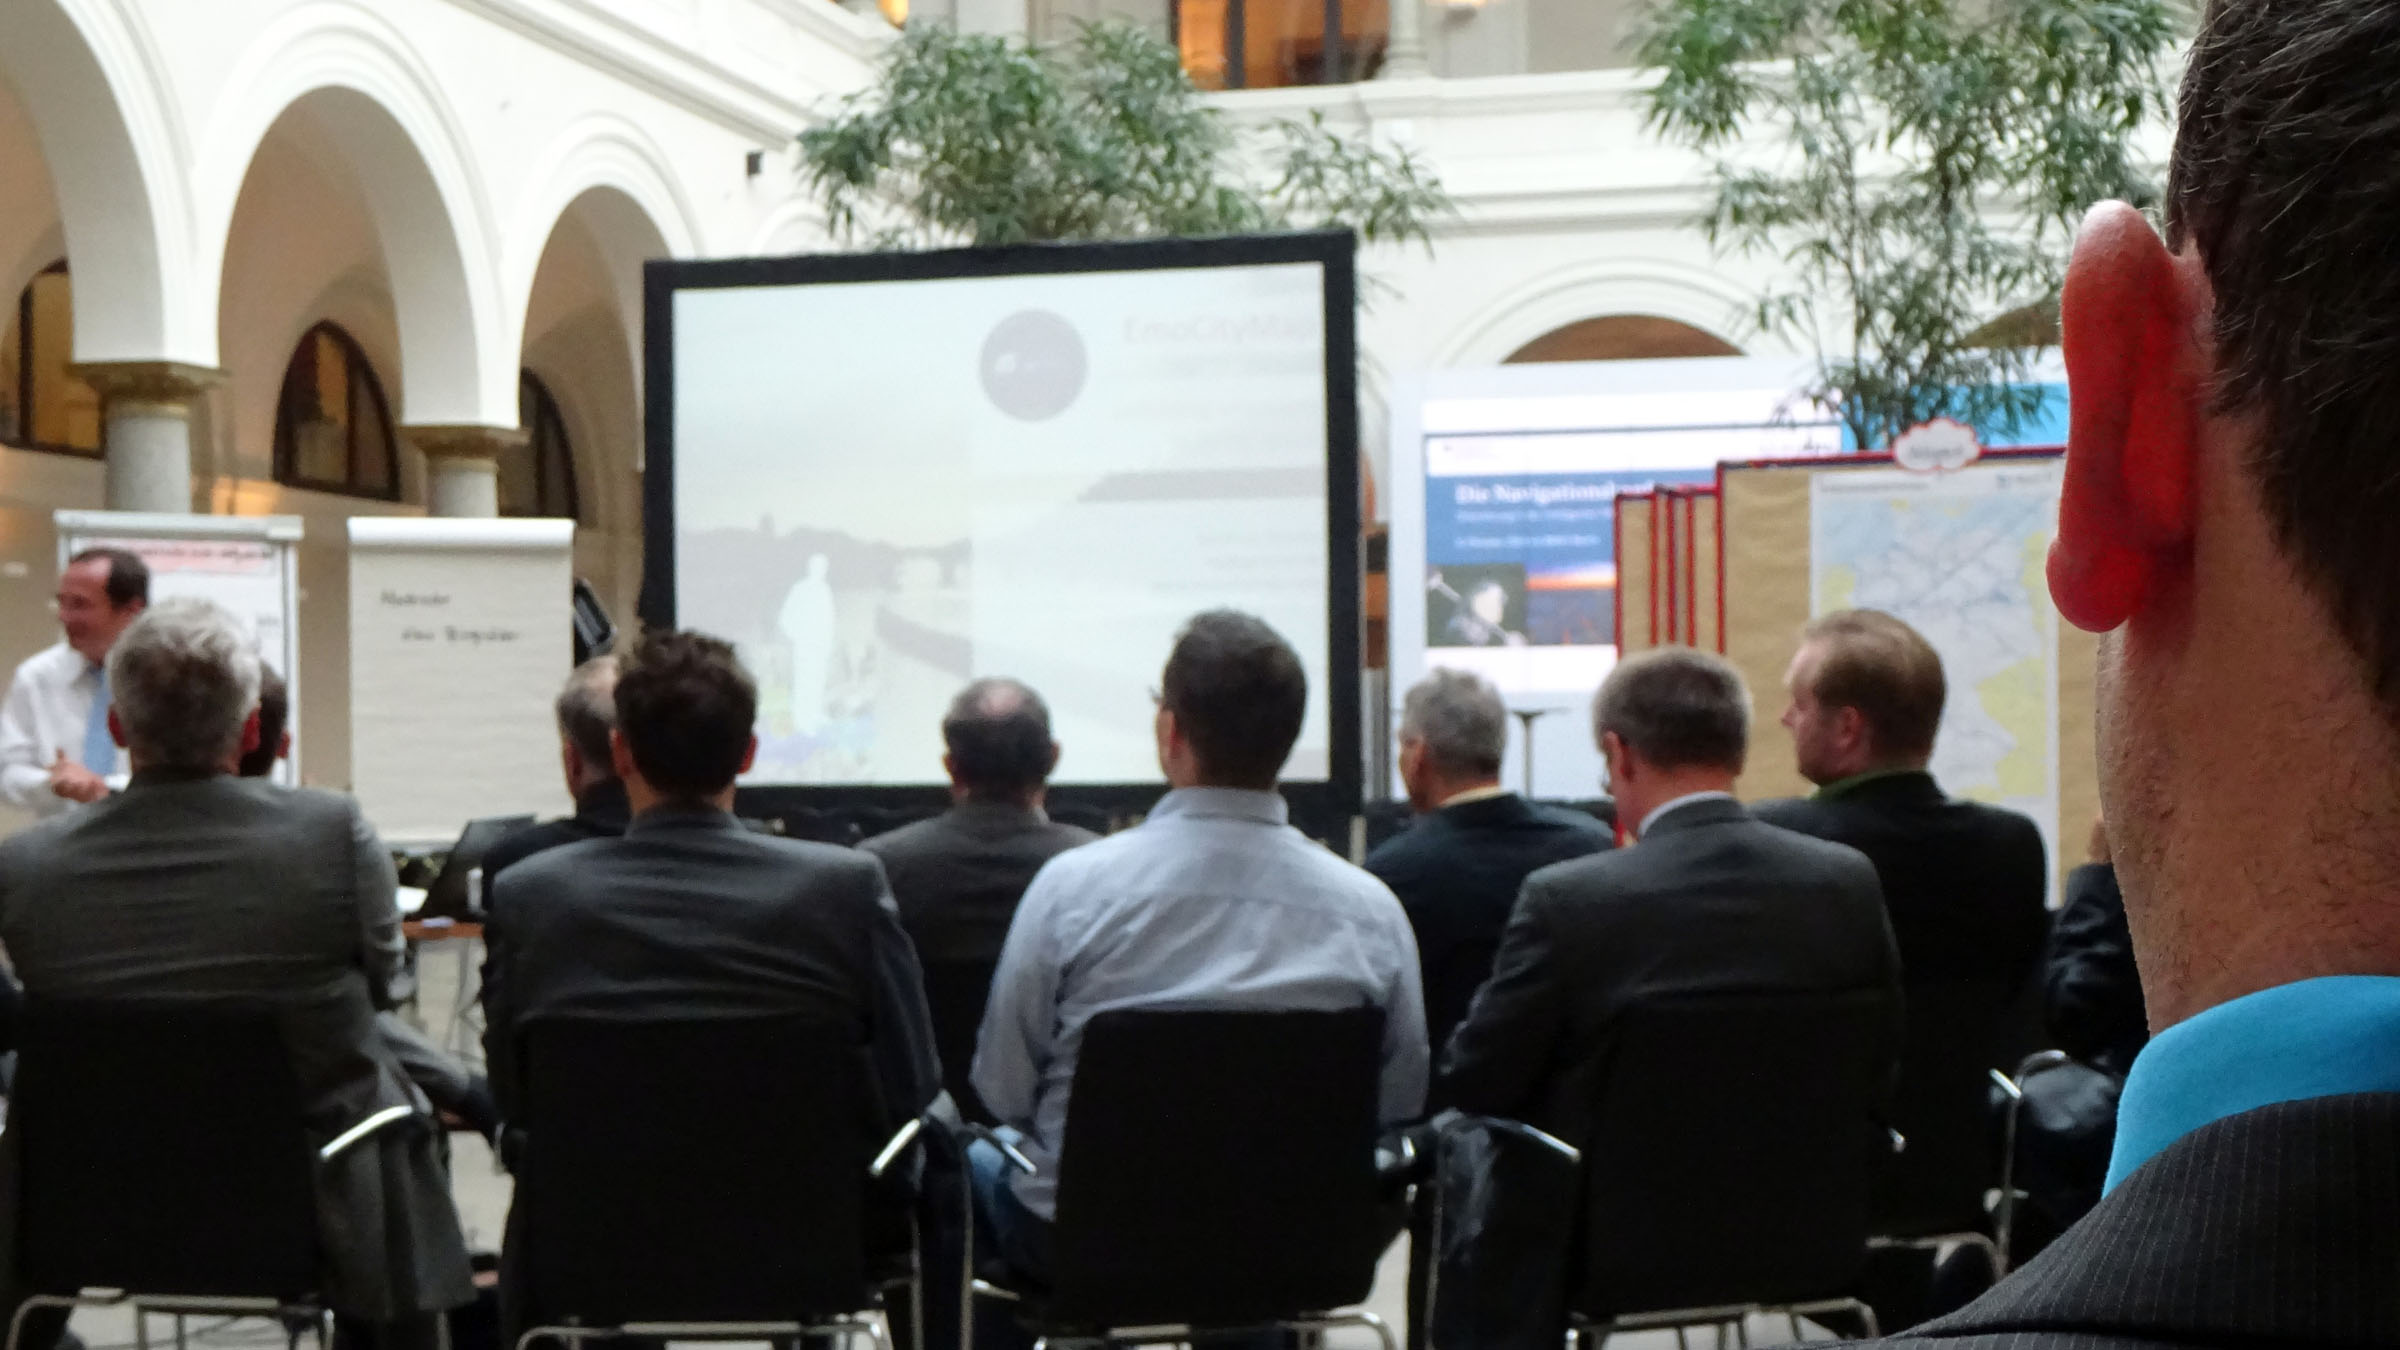 Intelligente Wege in die Zukunft: Die Navigationskonferenz 2014